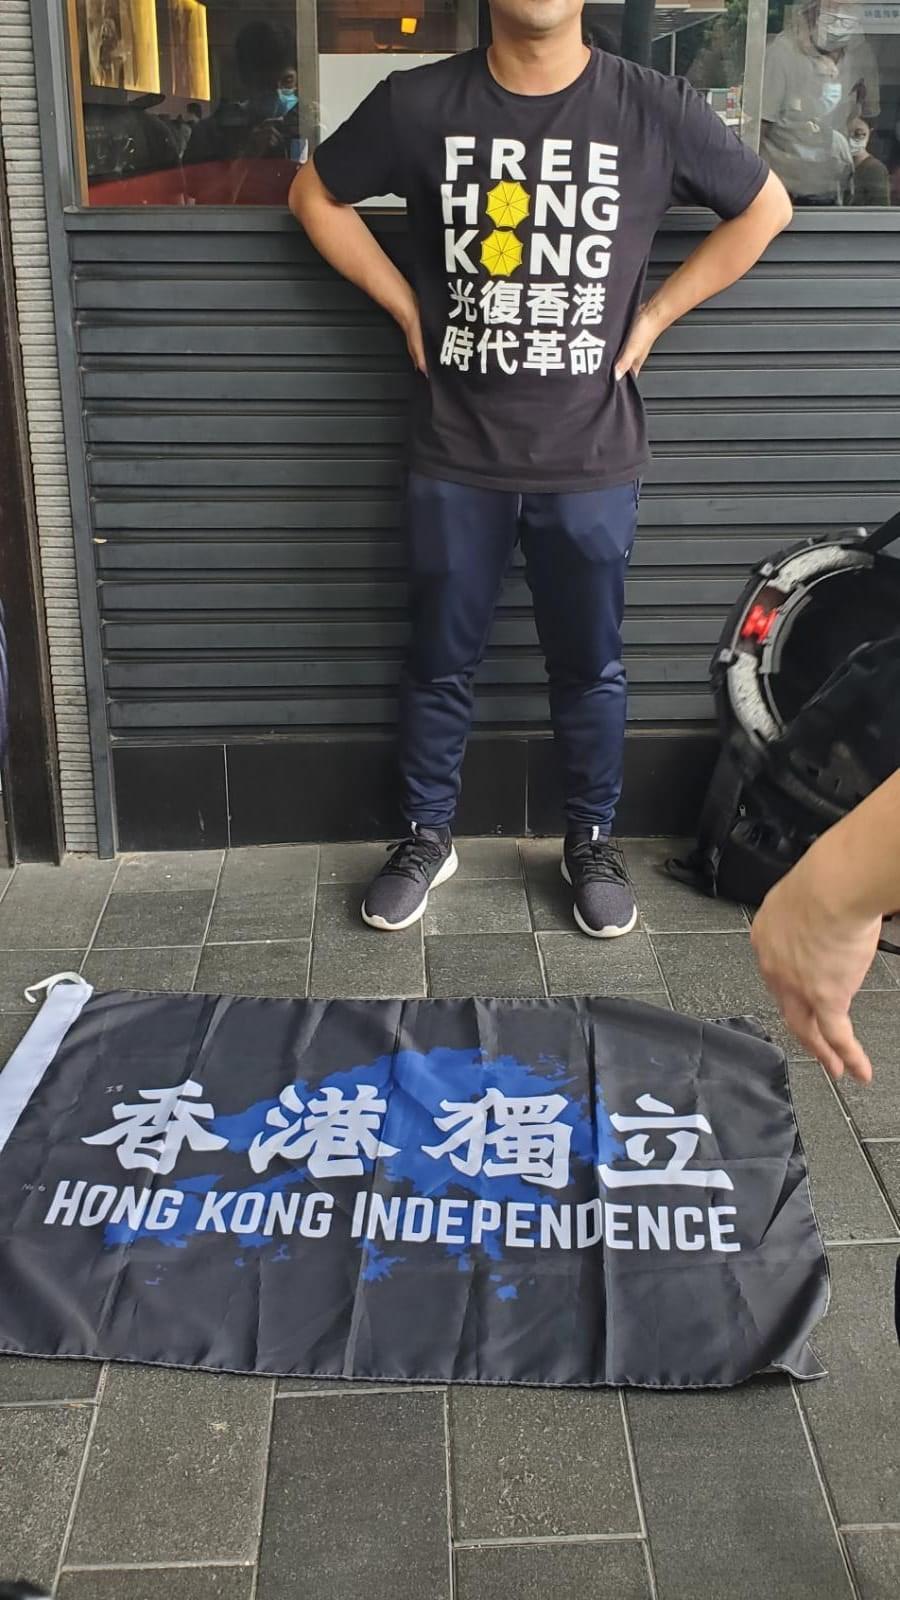 「港區國安法」公布生效後,不少港人1日在銅鑼灣崇光百貨一帶遊行抗議。香港警方表示,一名男子當場被搜出港獨旗幟,因涉嫌違反港區國安法被捕。(圖取自facebook.com/HongKongPoliceForce)